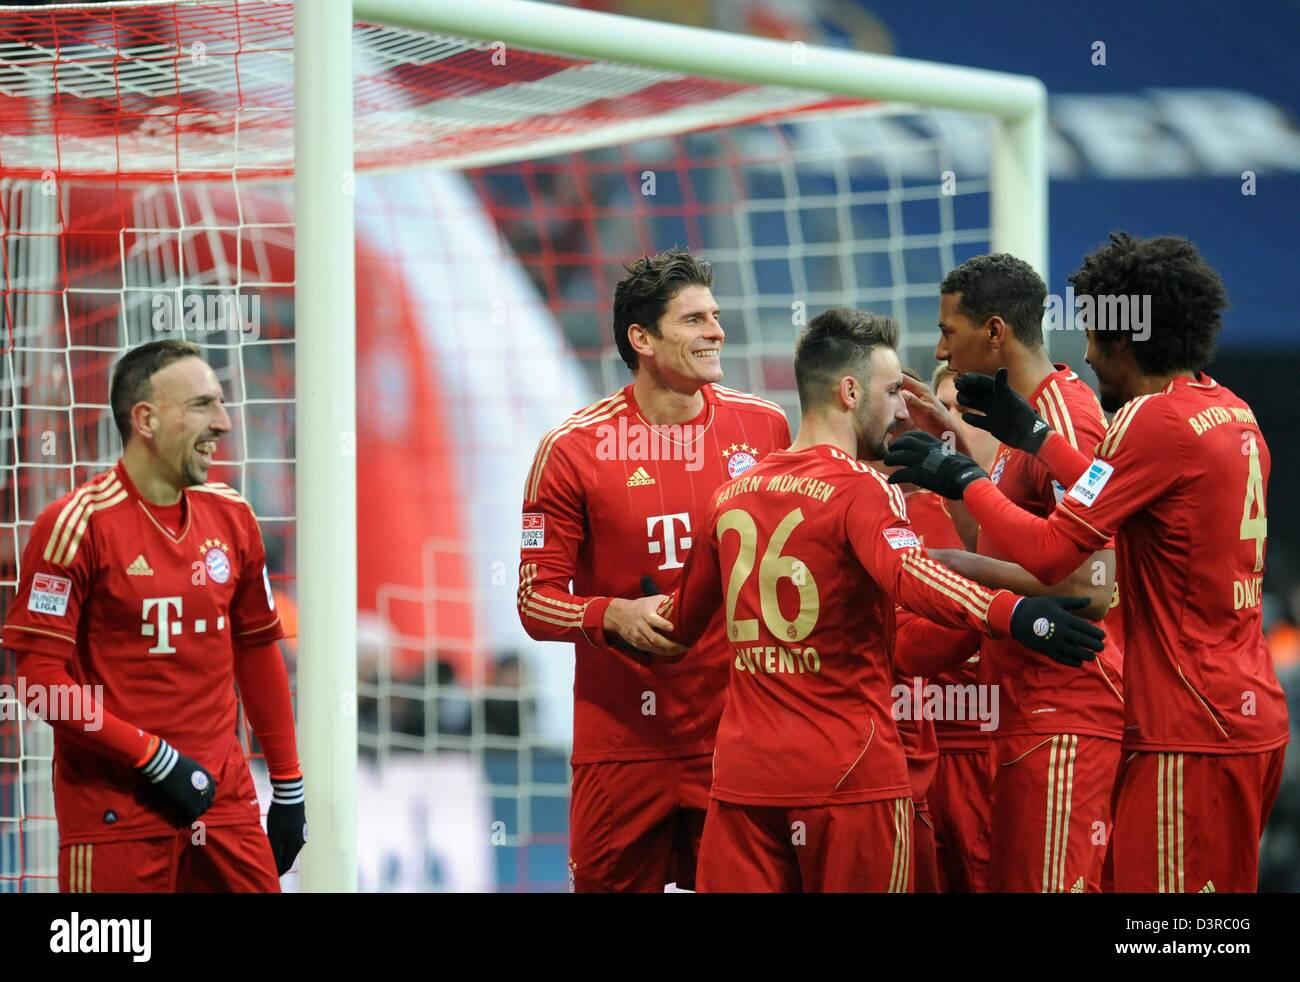 Monaco di Baviera Franck Ribery (L-R), Mario Gomez, Diego Contento, Jerome Boateng uand Dante celebrare il 4-0 obiettivo Immagini Stock